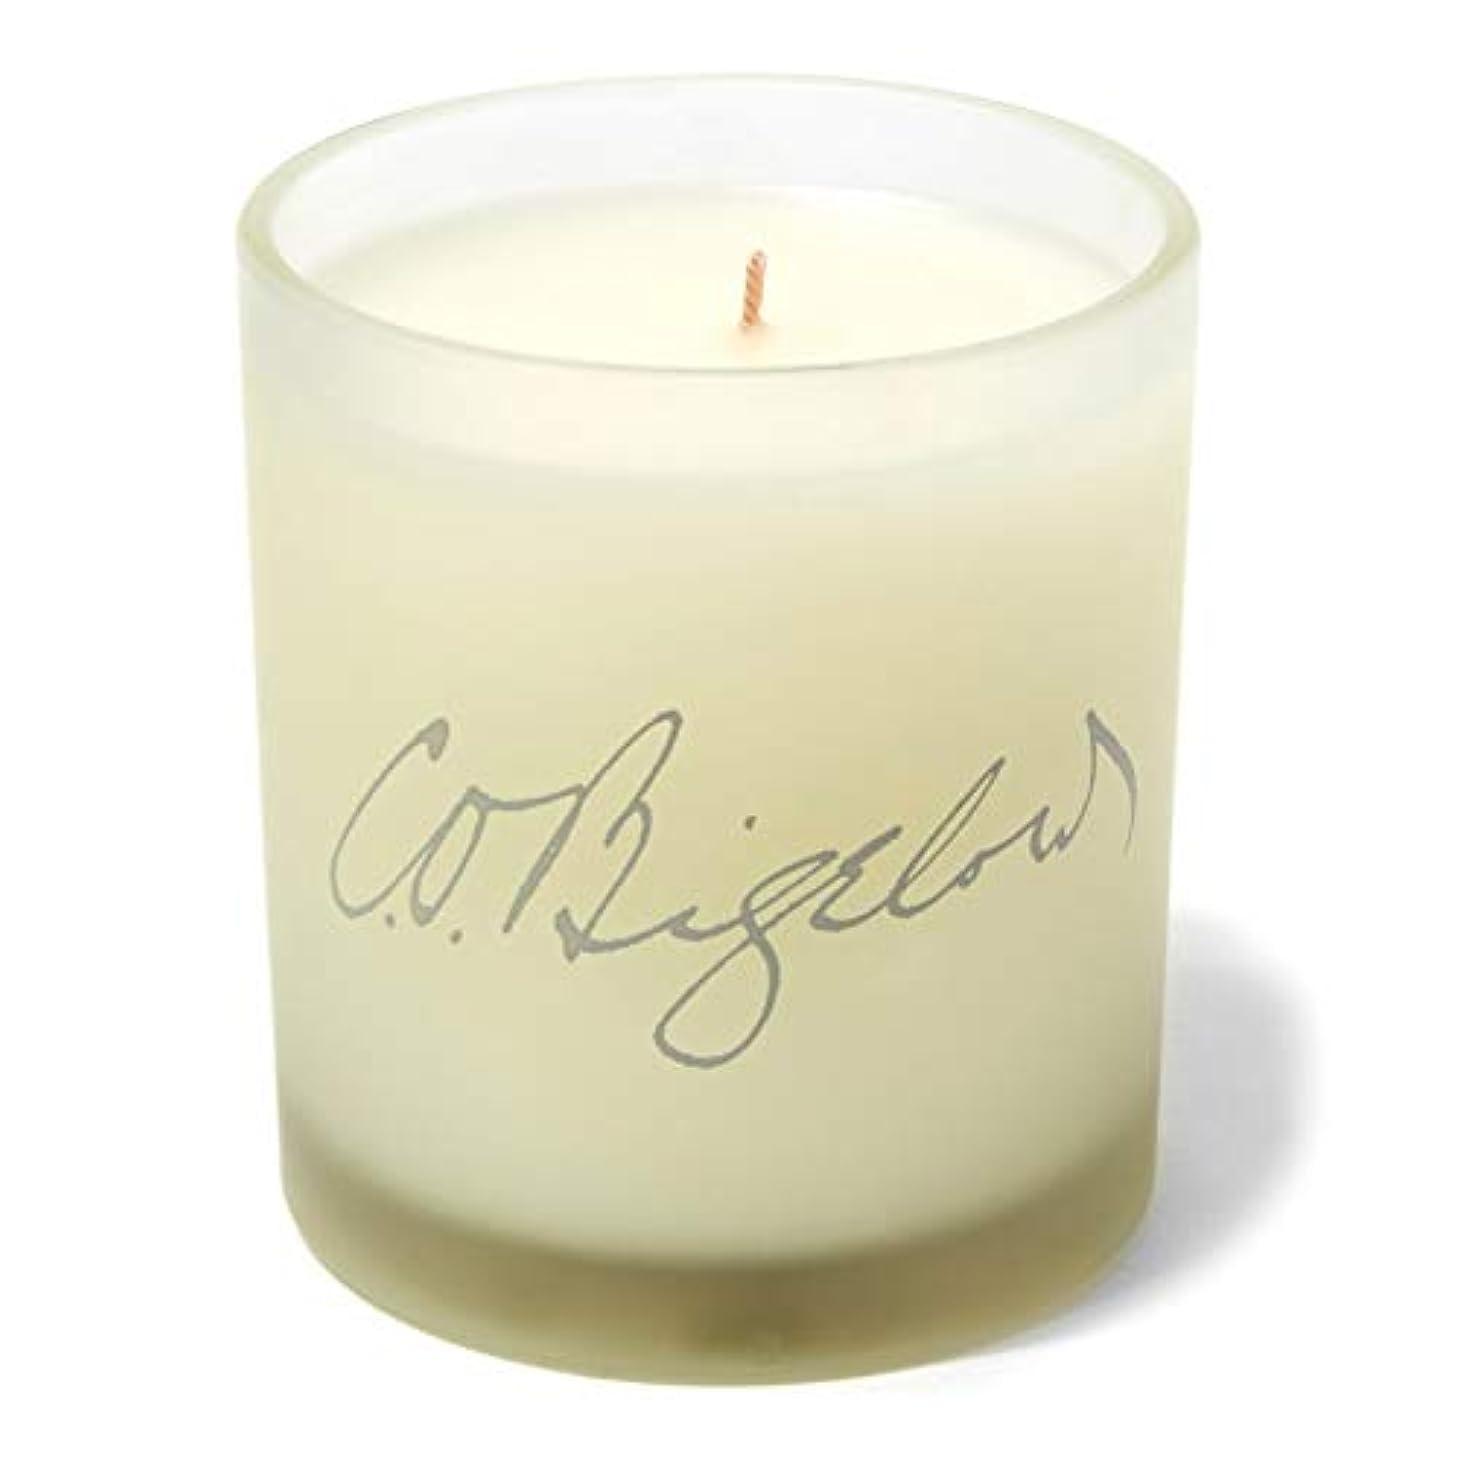 ジャグリングオゾンマーティフィールディング[C.O. Bigelow] C.O.ビゲローユーカリキャンドル241ミリリットル - C.O. Bigelow Eucalyptus Candle 241ml [並行輸入品]